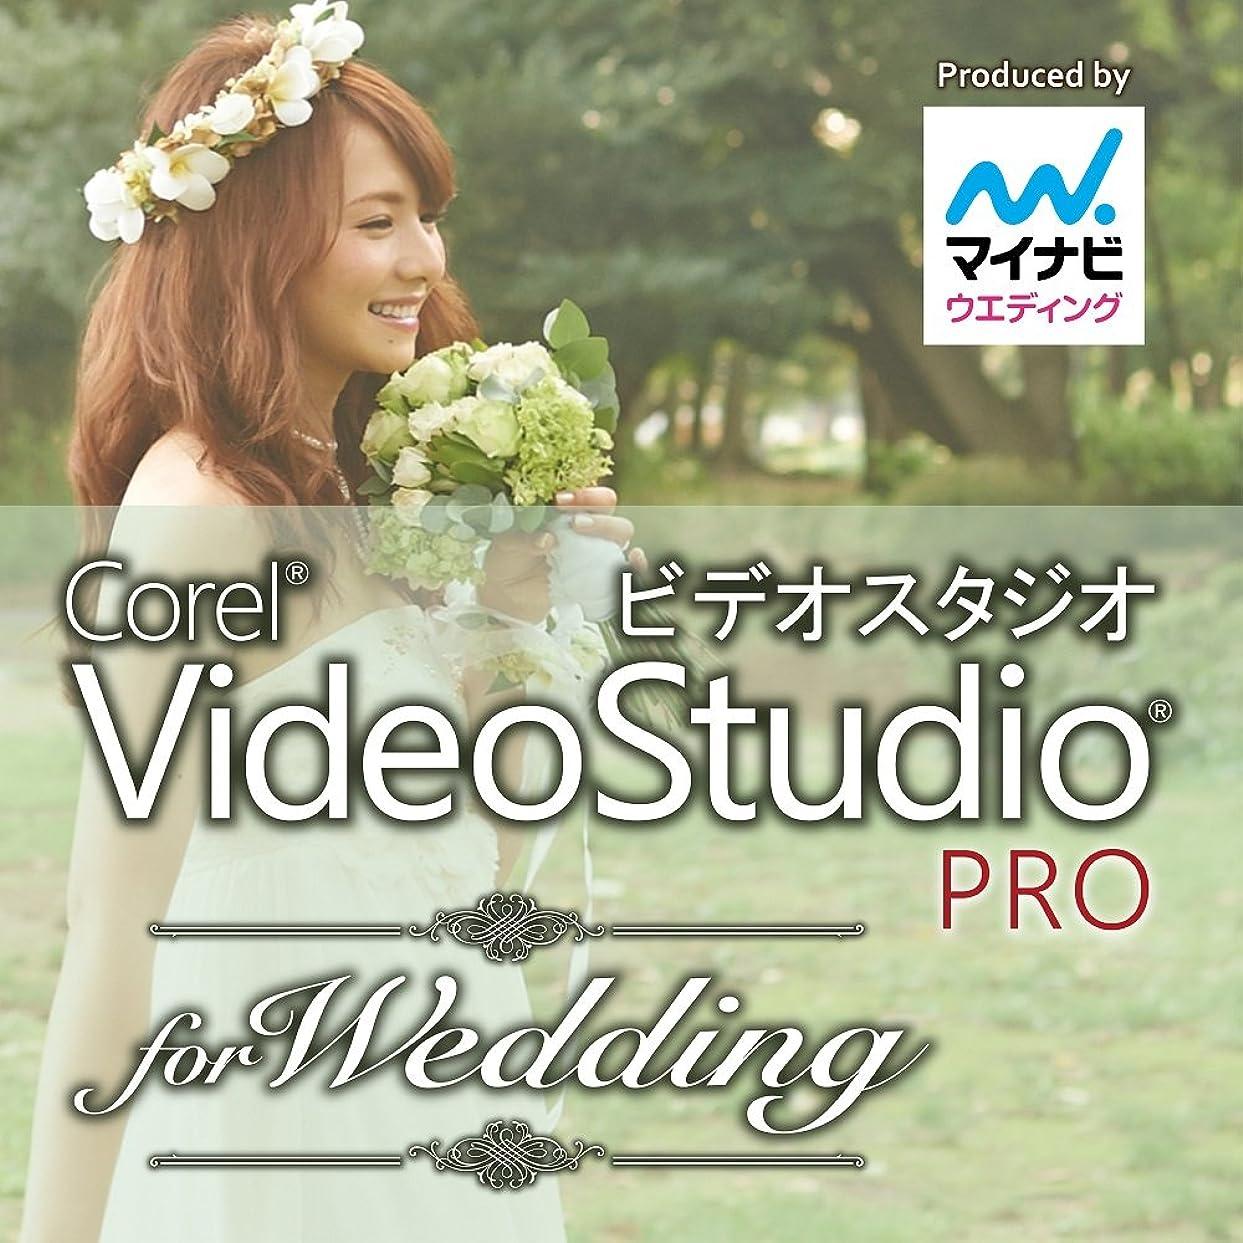 機械的に大統領将来のCorel VideoStudio Pro for Wedding Produced by マイナビウエディング | ダウンロード版